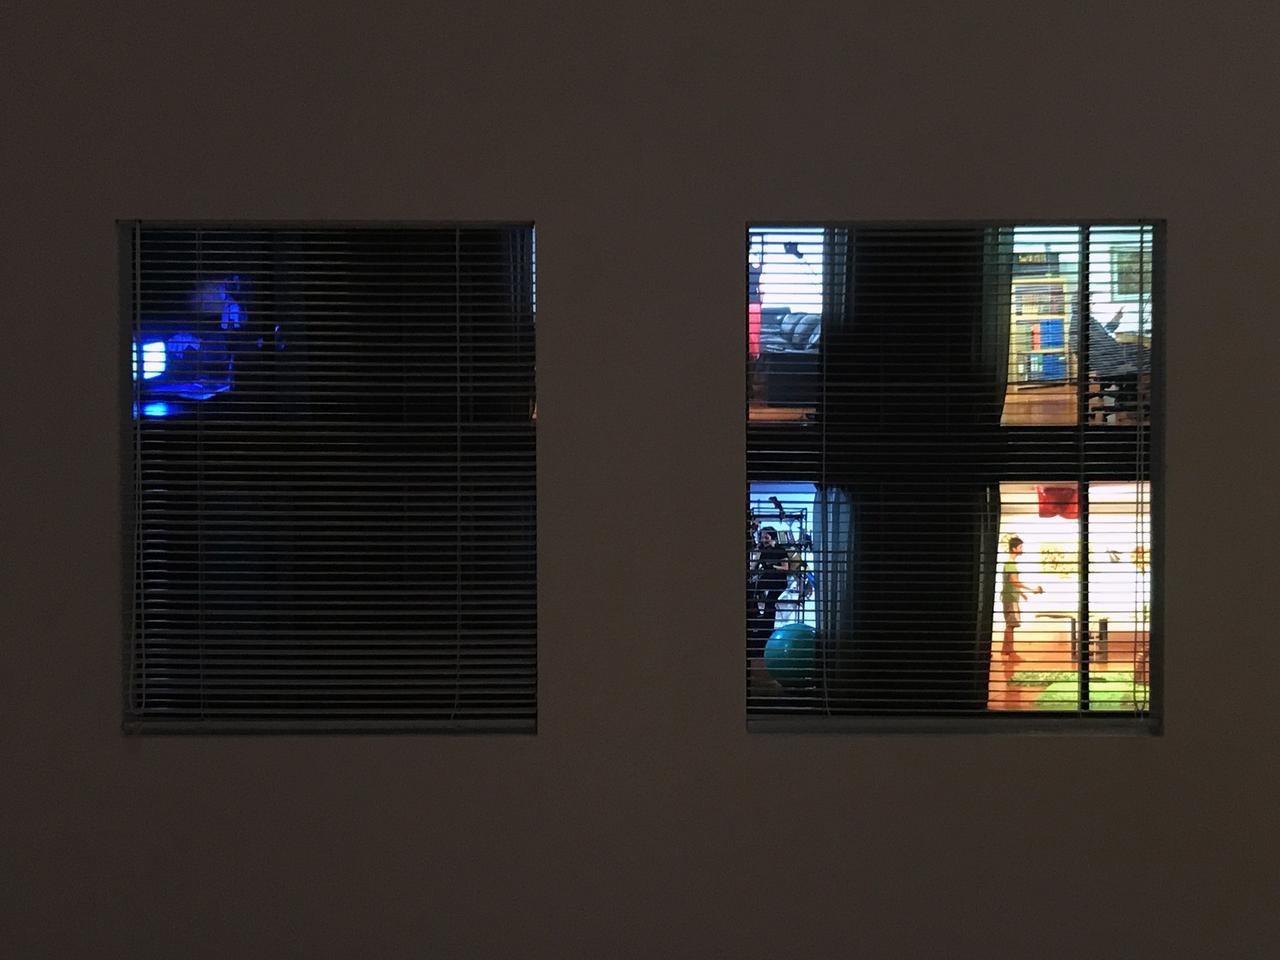 画像: 《眺め》 The View 1997/2017 12 チャンネル・ビデオ・インスタレーション、プロジェクター 12 channel video installation, projector サイズ可変| Dimensions variable 各約10 分(ループ) approx. 10 min. each (loop) photo©cinefil:ms